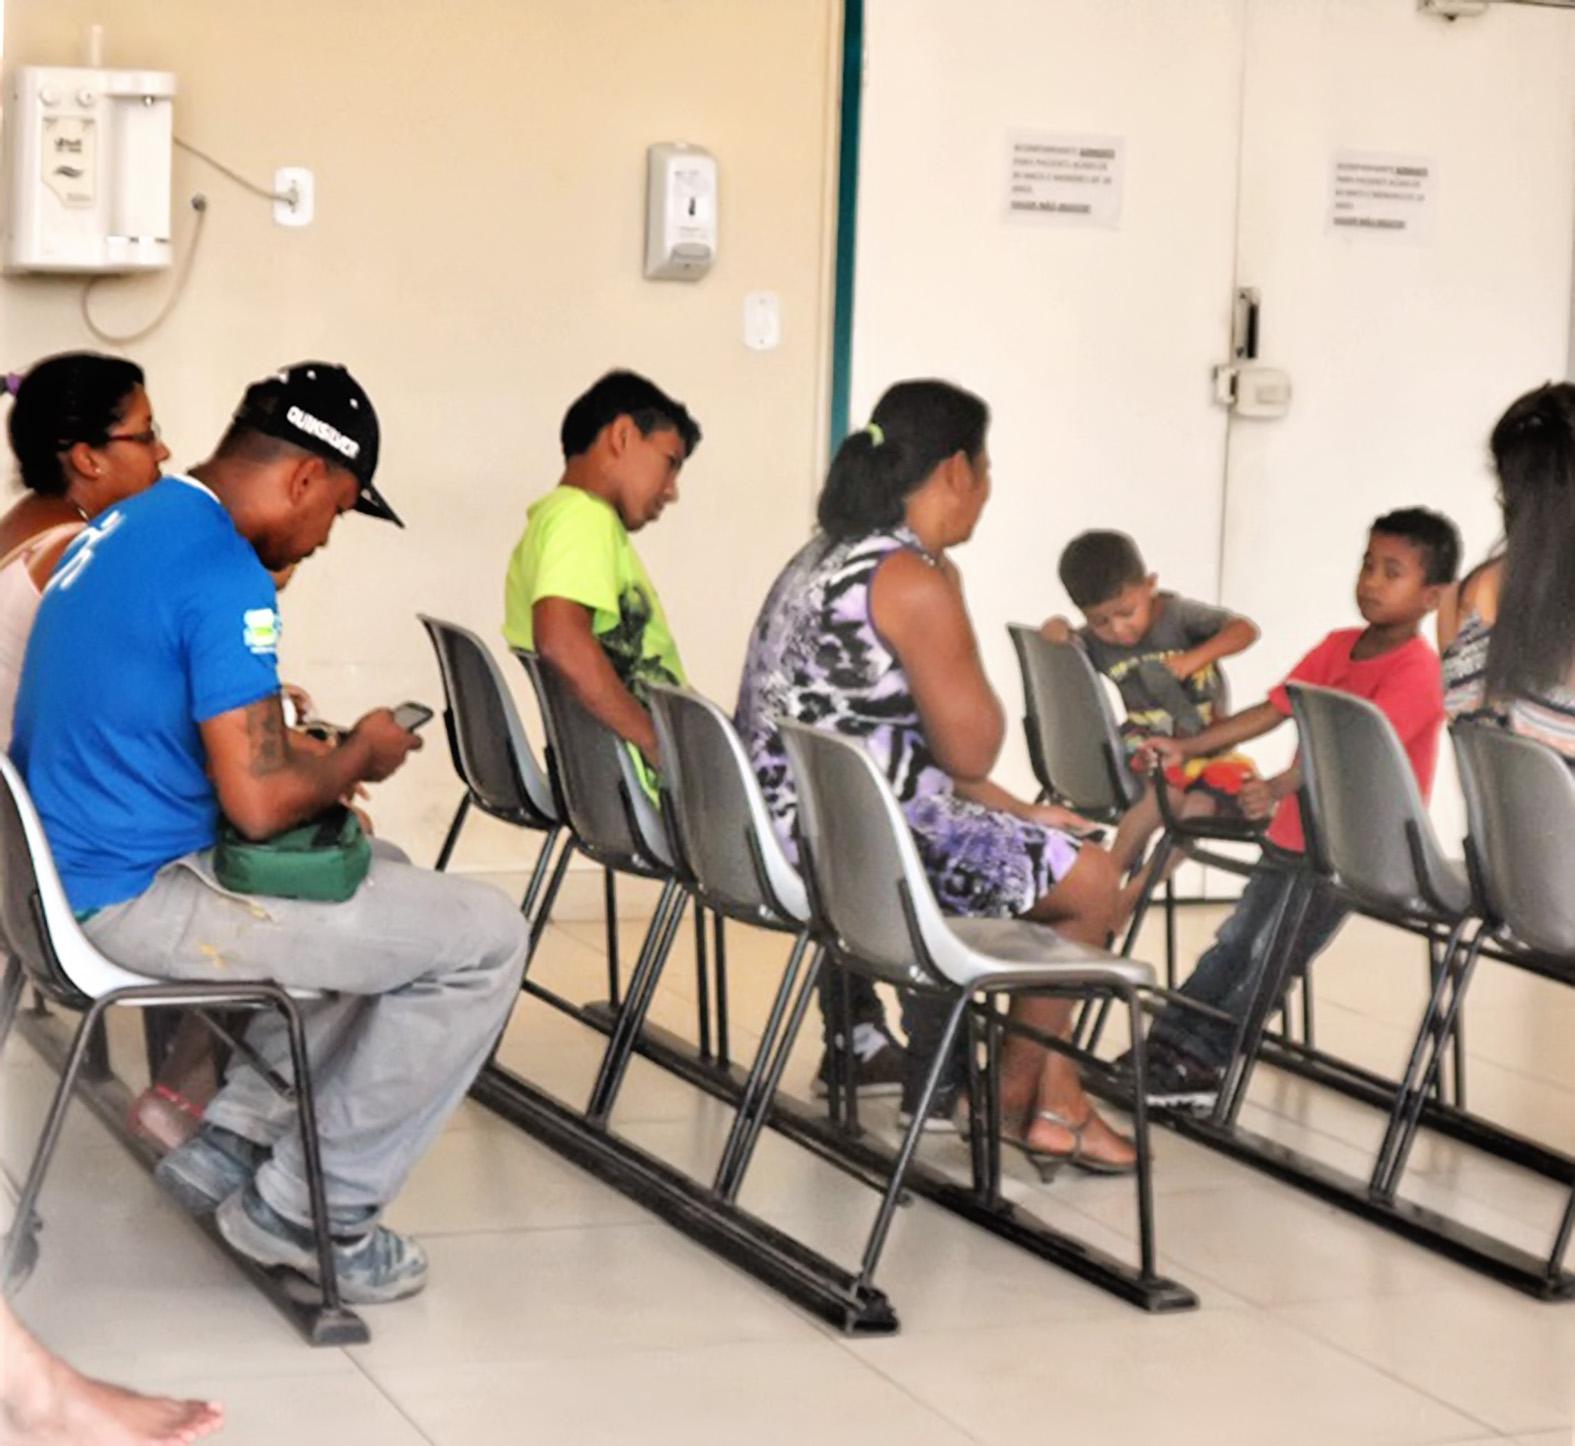 Pacientes esperam atendimento no Pronto Socorro de Cruzeiro; crise na saúde pública impera na cidade (Foto: Maria Fernanda Rezende)